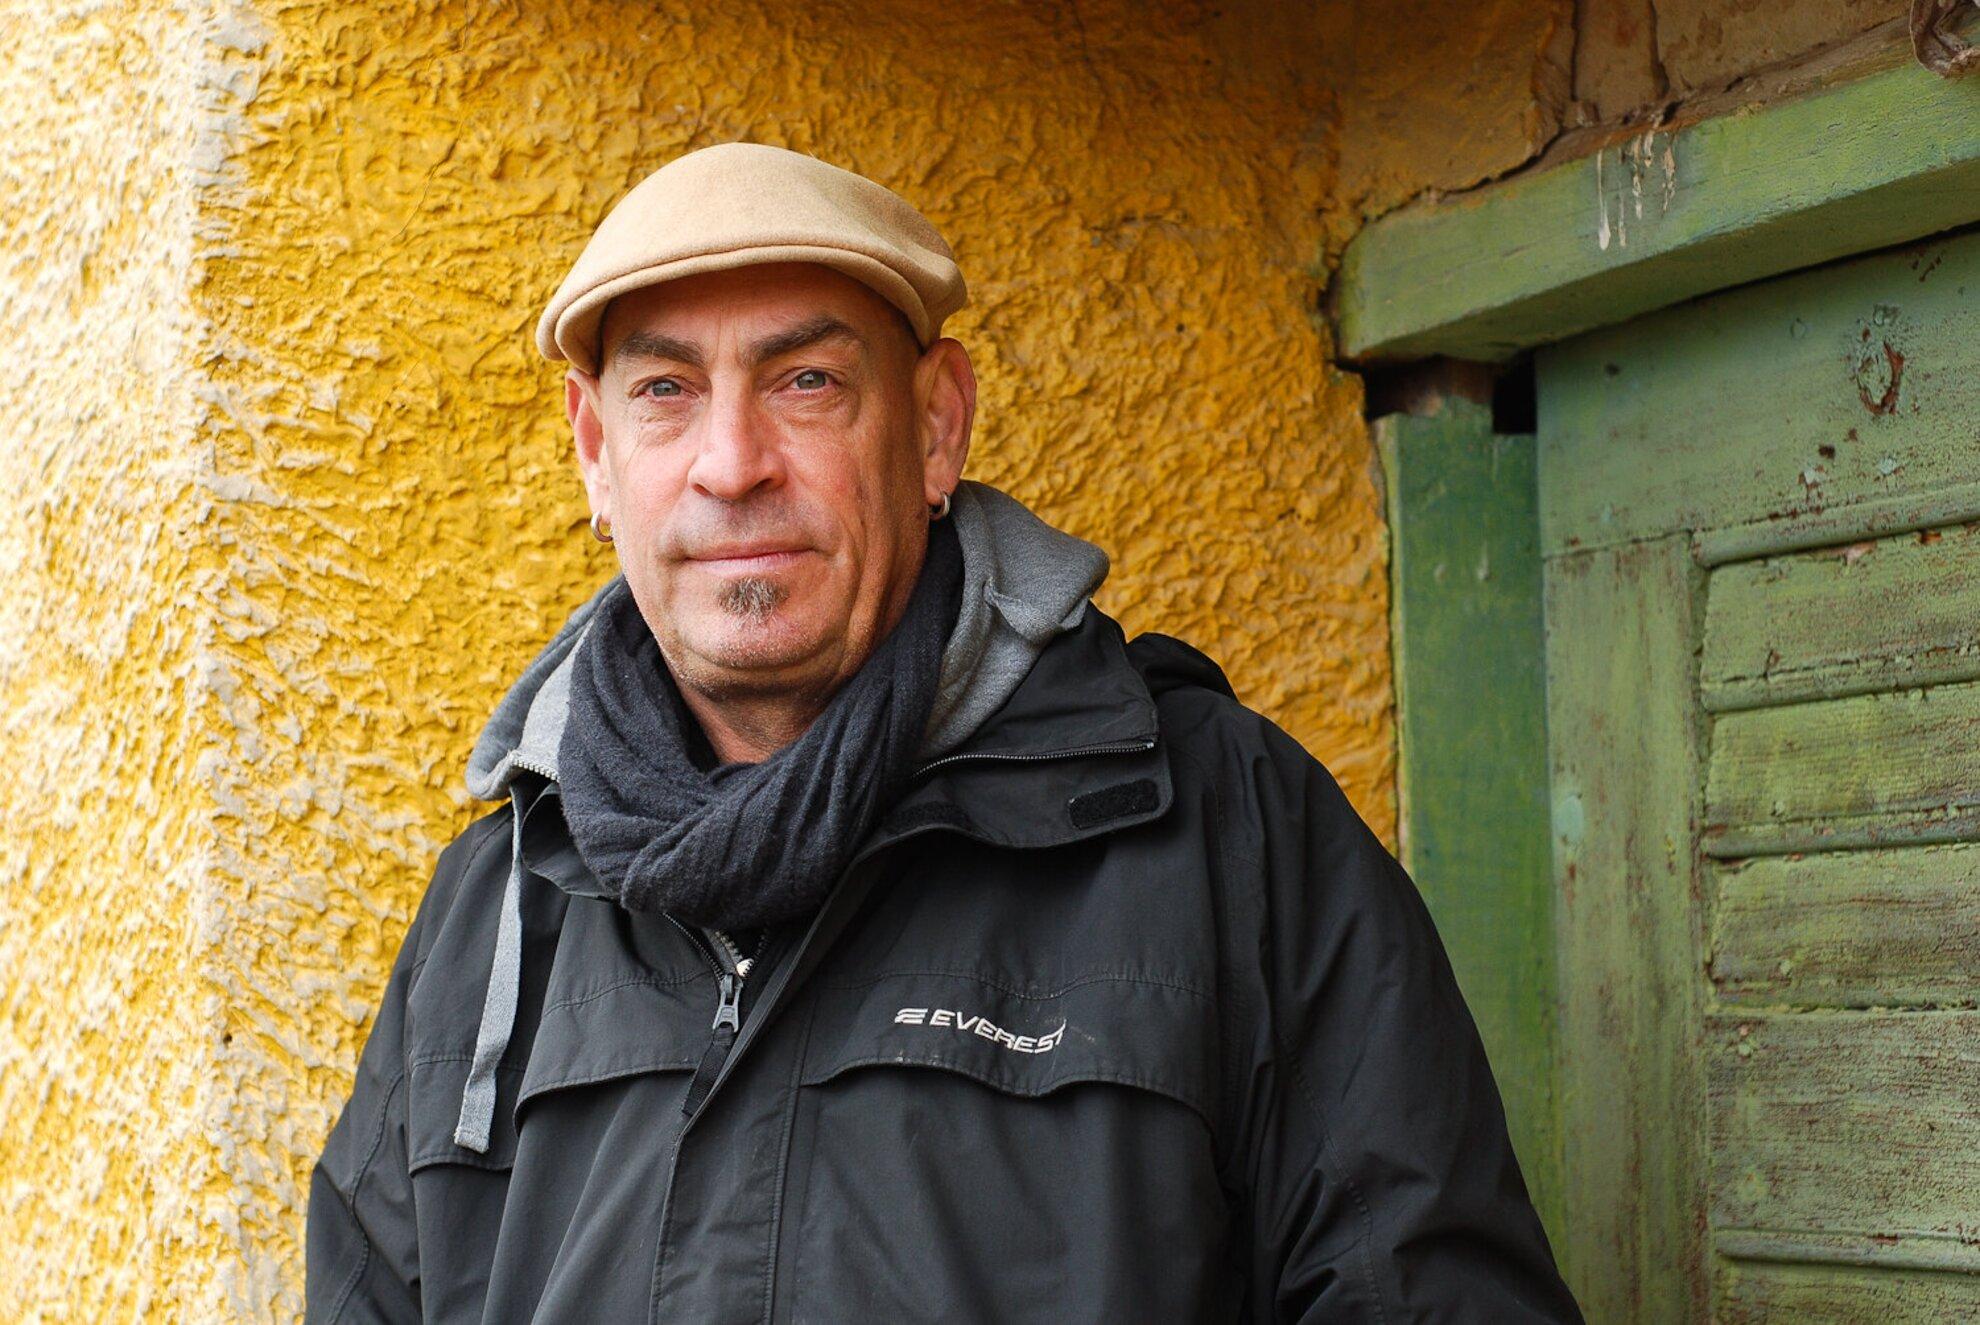 Világvárosokat hagyott hátra a Balatonért - interjú Molnár 'Papa' Áronnal